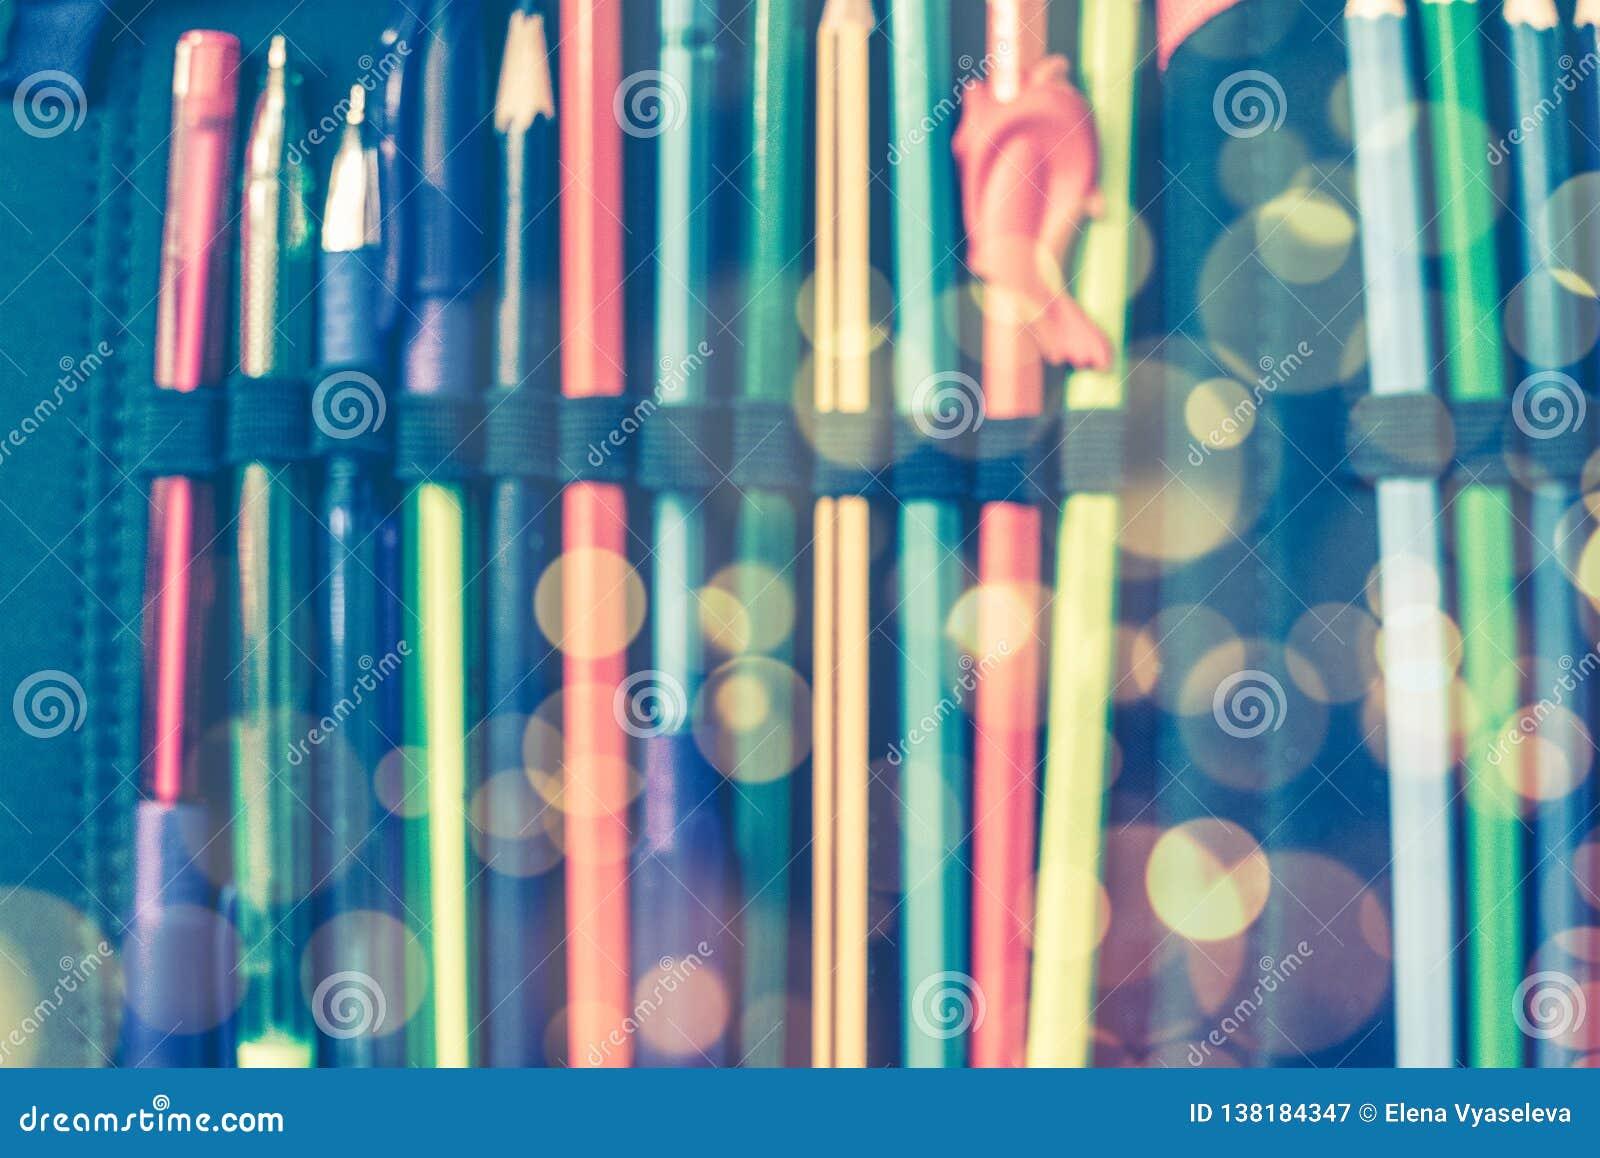 Di nuovo al concep della scuola fondo vago: astuccio per le matite aperto della scuola del primo piano con le penne e matite con